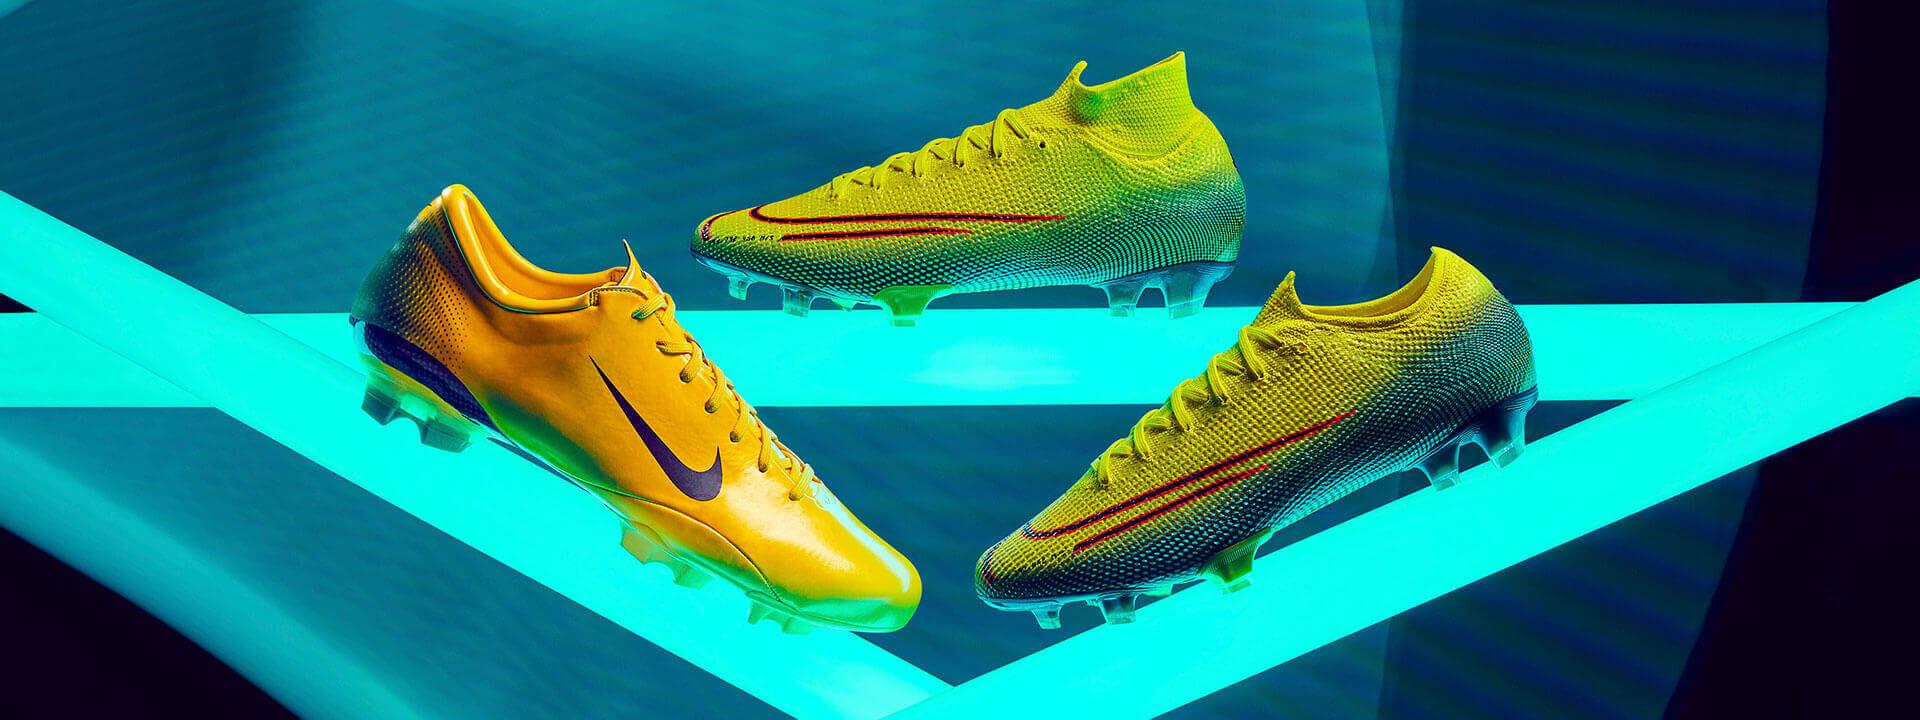 Bộ Sưu Tập Giày Bóng Đá Nike Dream Speed